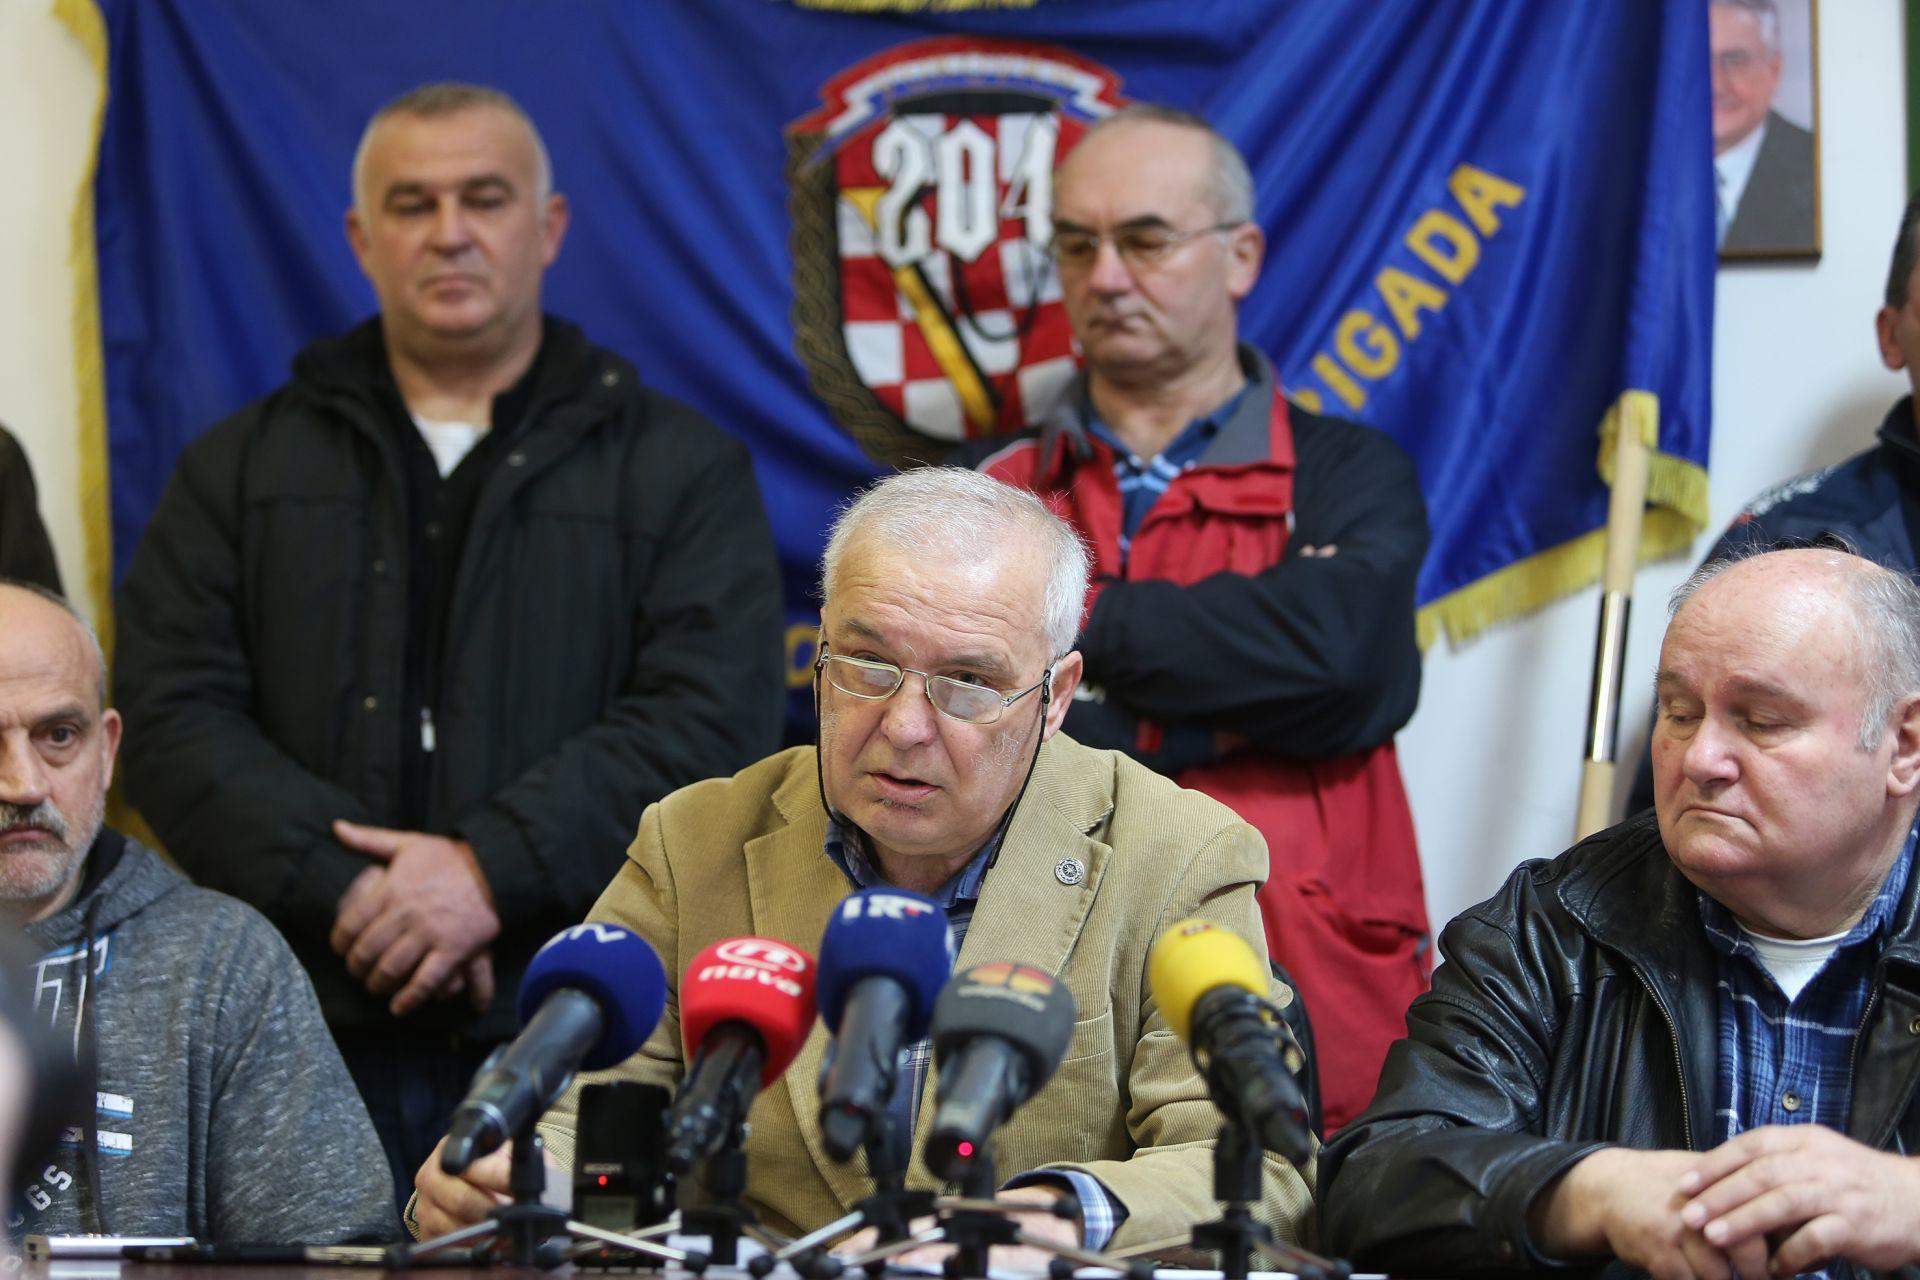 Vukovar: Dan sjećanja na zatočenike neprijateljskih logora tijekom Domovinskog rata